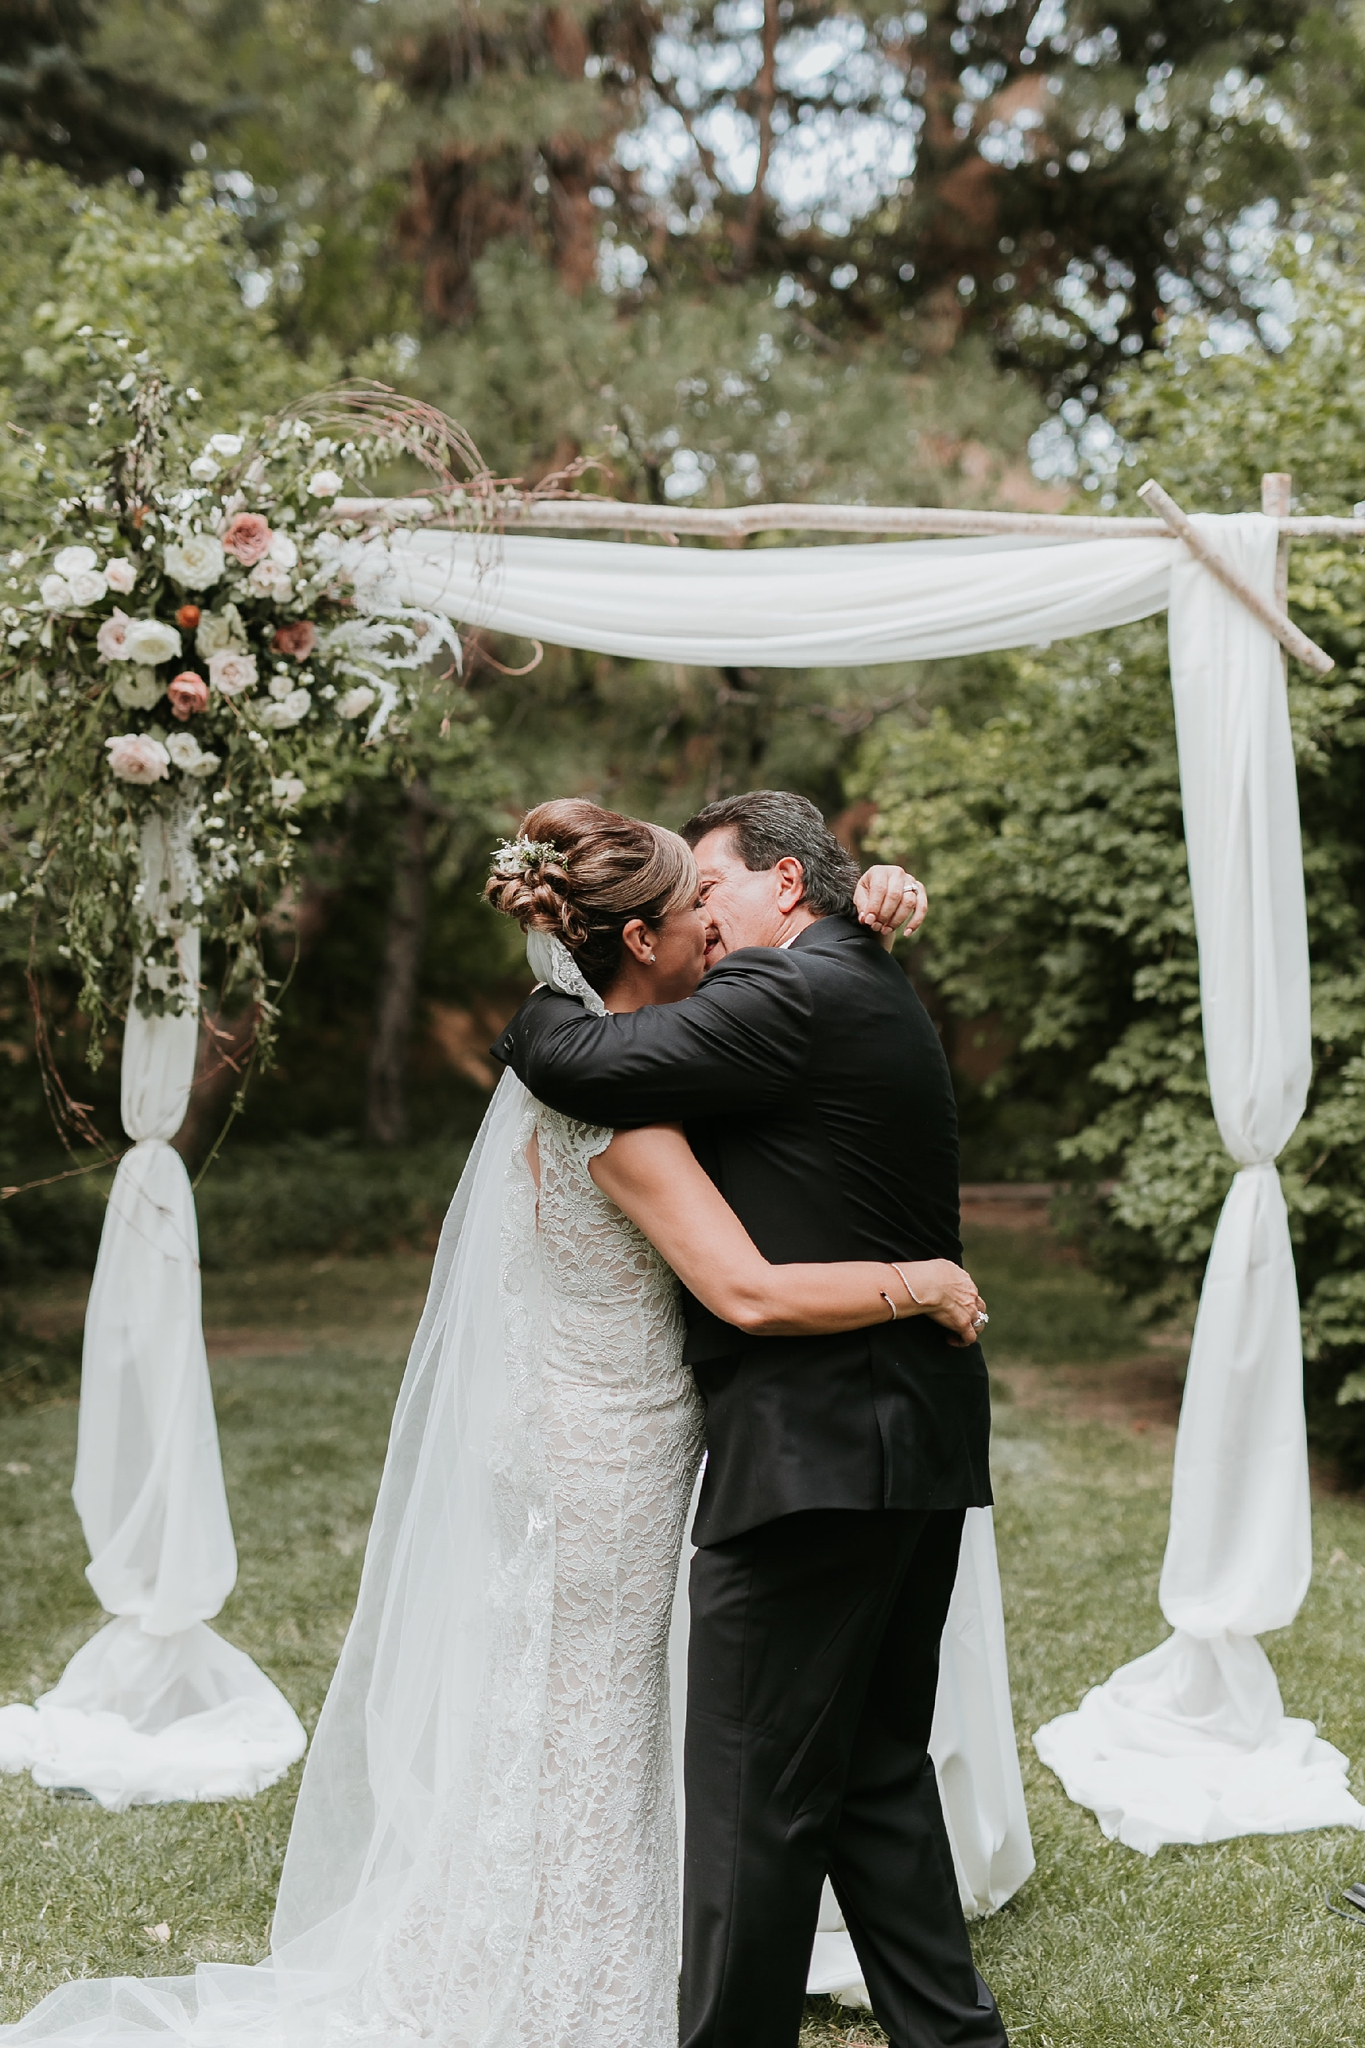 Alicia+lucia+photography+-+albuquerque+wedding+photographer+-+santa+fe+wedding+photography+-+new+mexico+wedding+photographer+-+new+mexico+wedding+-+wedding+photographer+-+wedding+photographer+team_0054.jpg